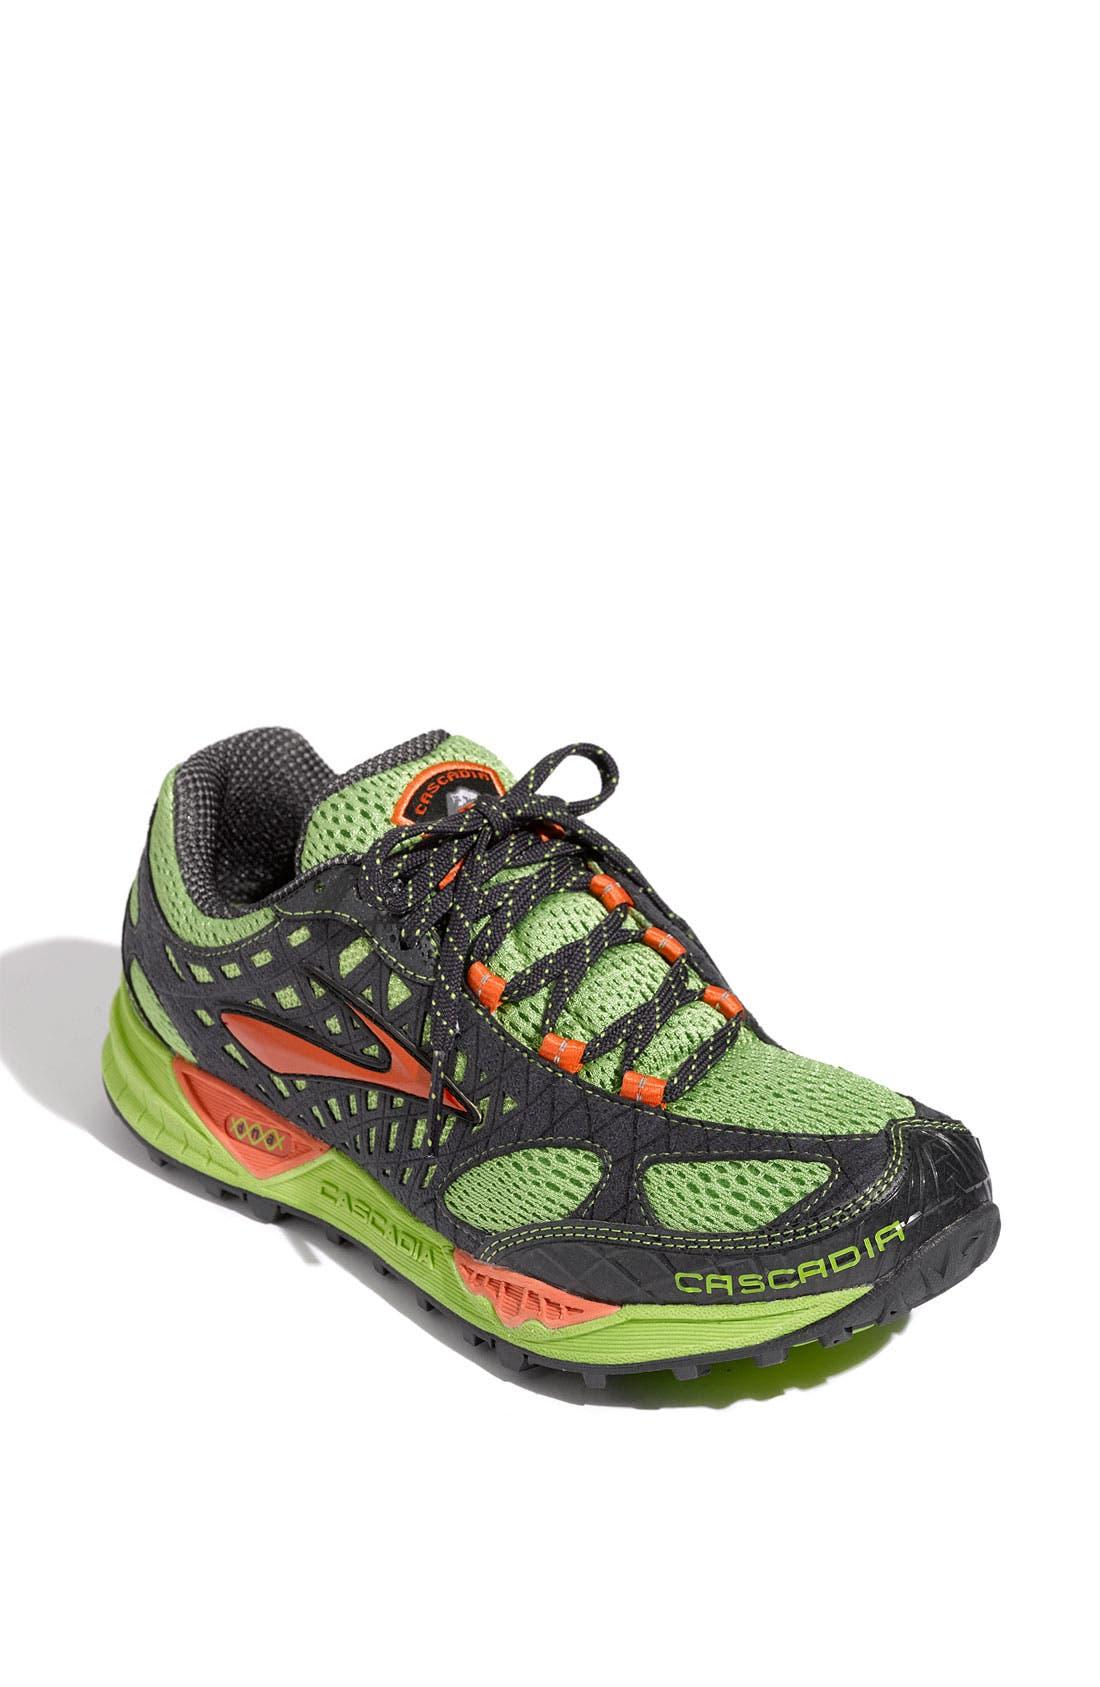 Main Image - Brooks 'Cascadia 7' Running Shoe (Women)